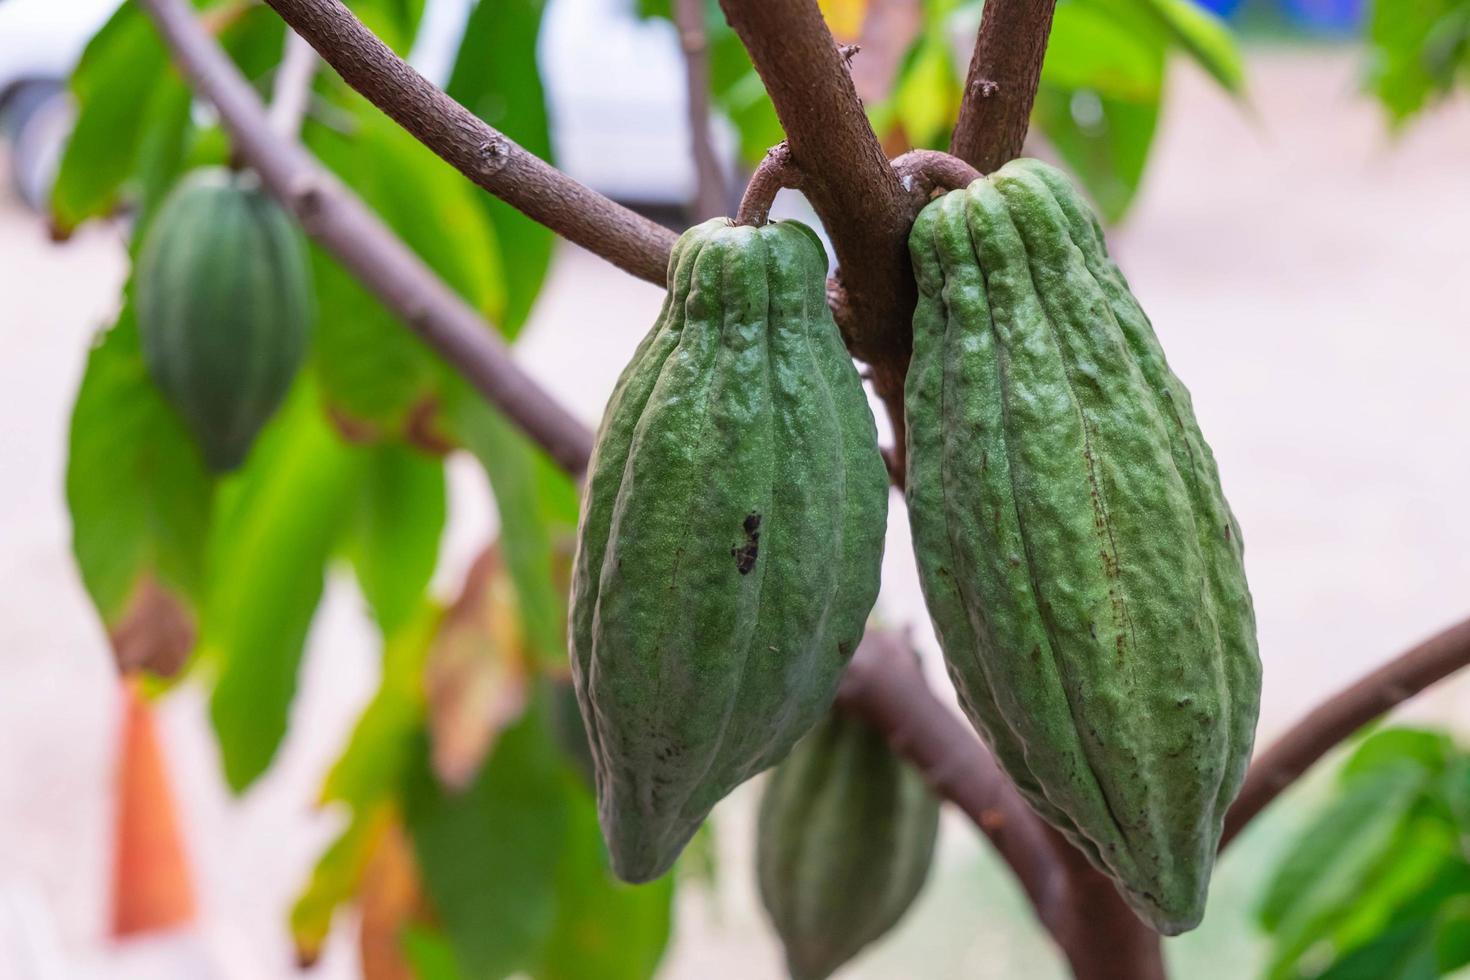 vers cacaofruit buiten foto